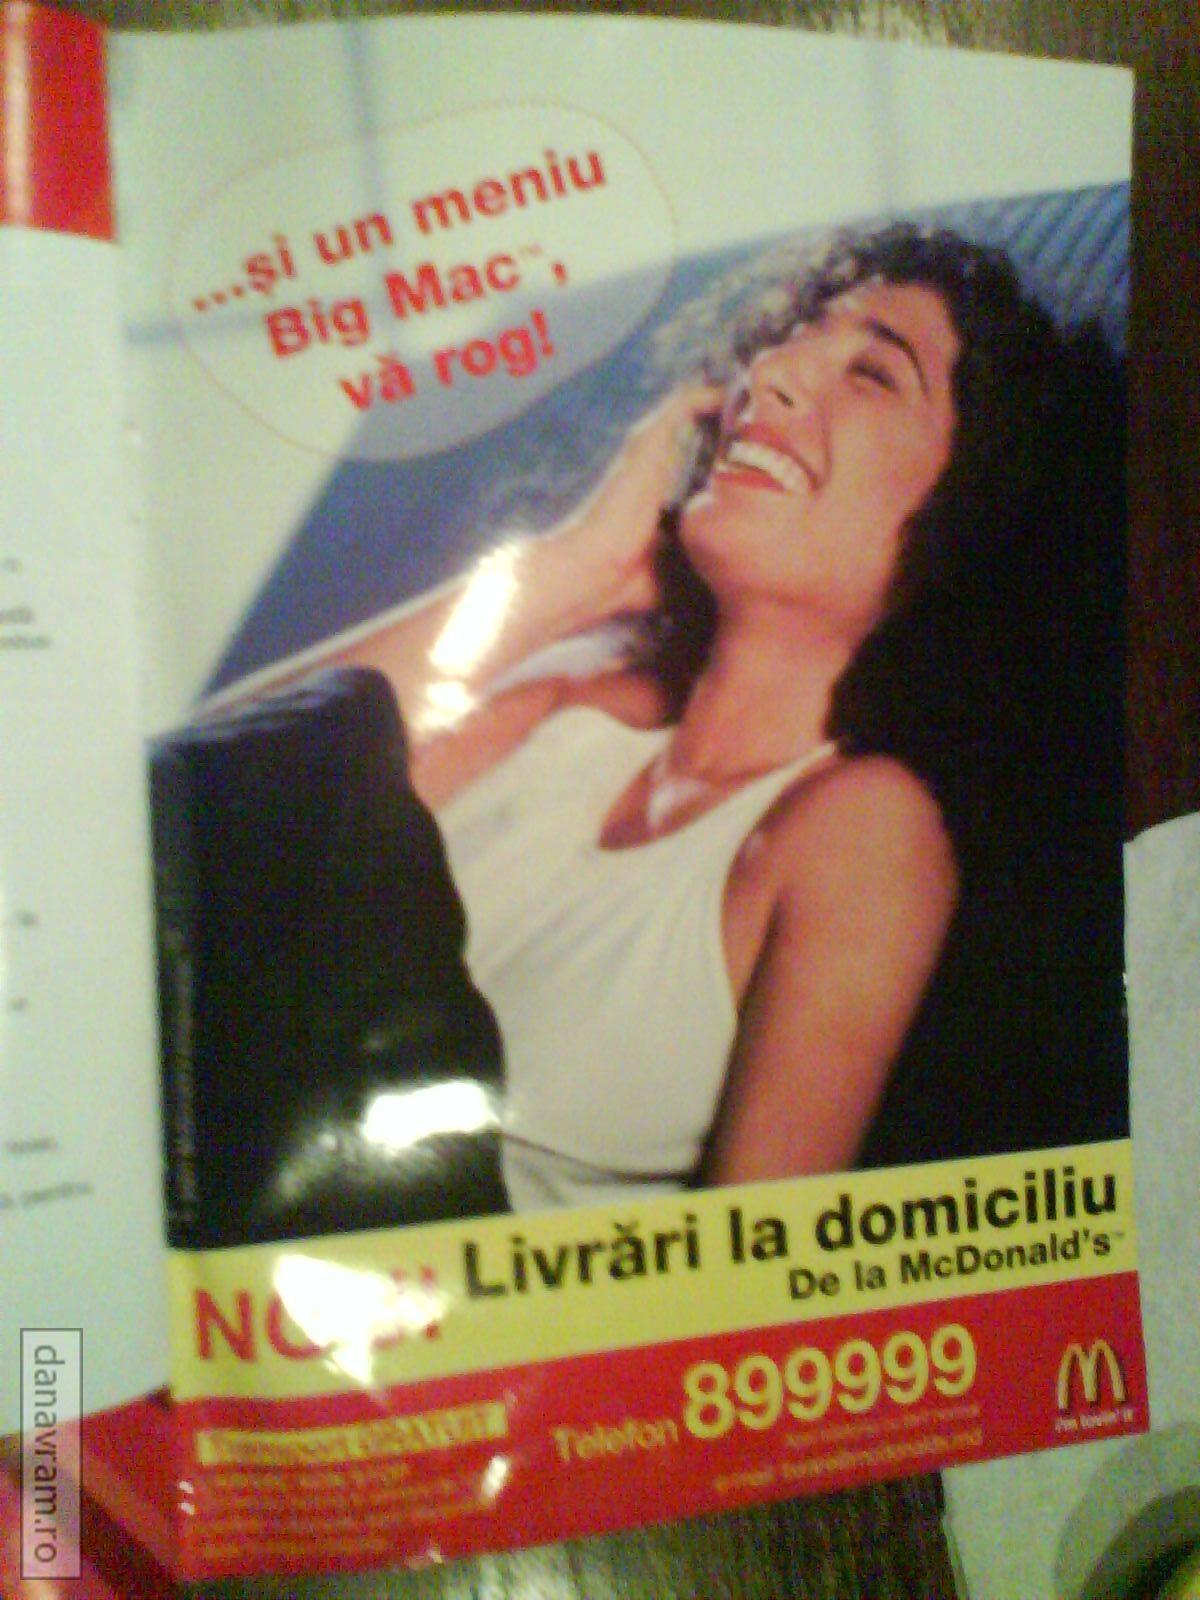 Chişinău - Comenzi McDonald's la domiciliu